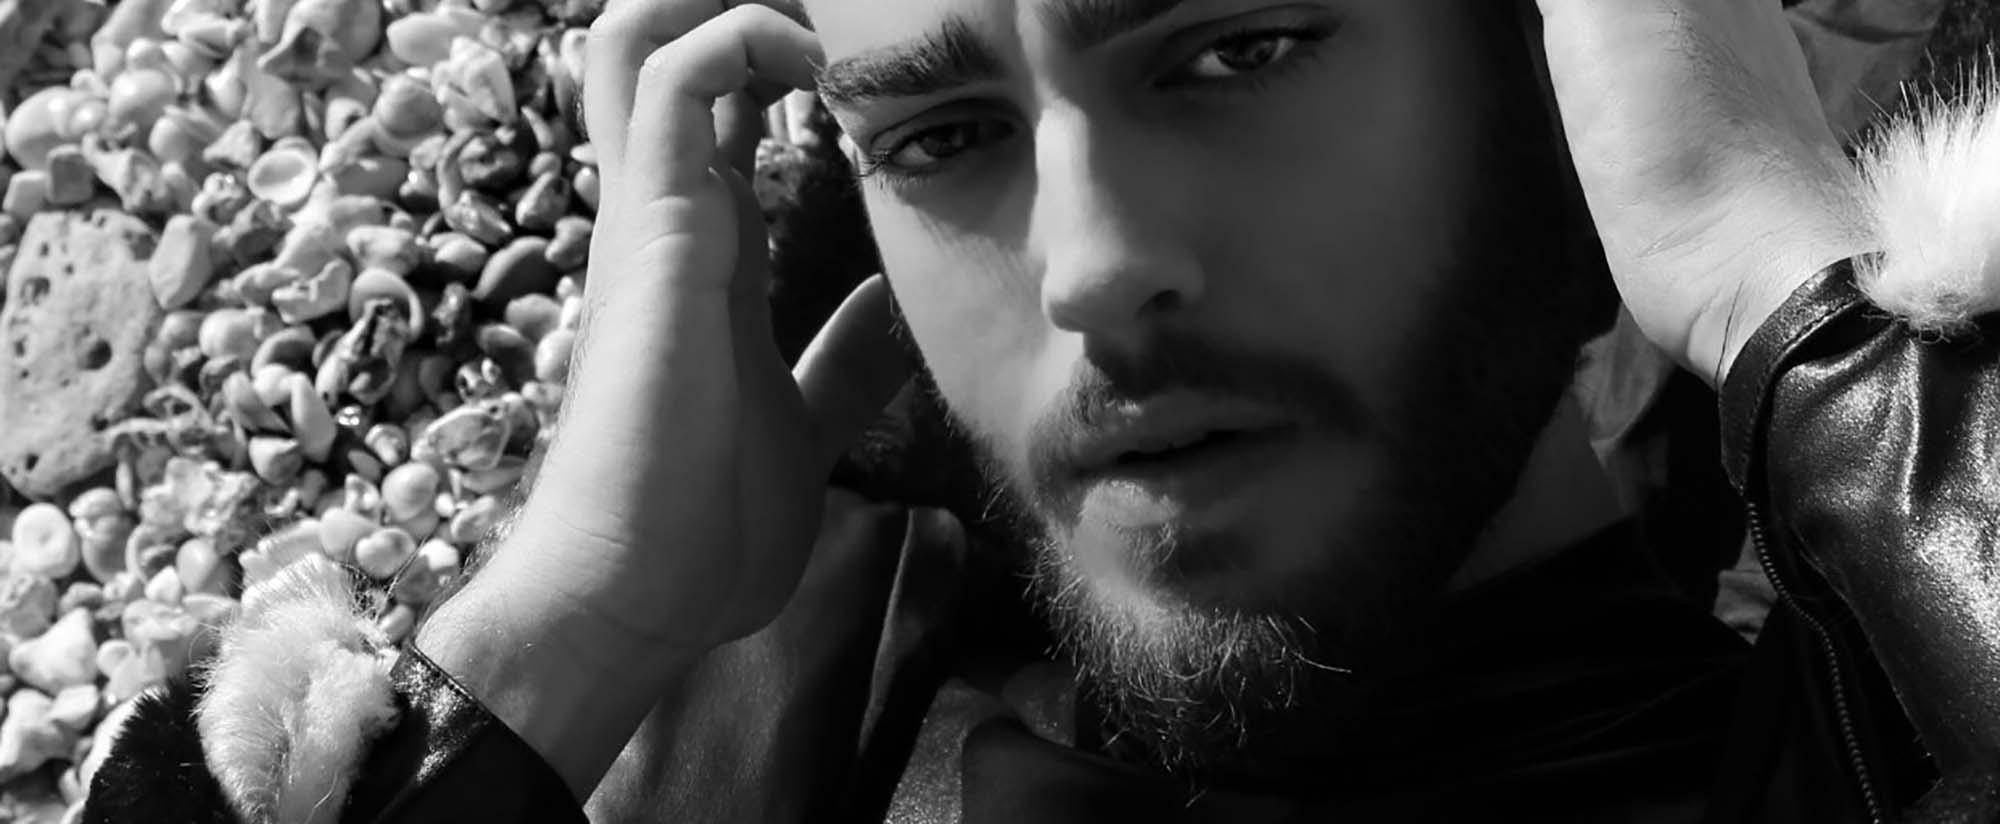 שחר גלר - shar gelle, מגזין אופנה, חדשות אופנה, כתבות אופנה, מגזין אופנה ישראלי - אופנה - 1